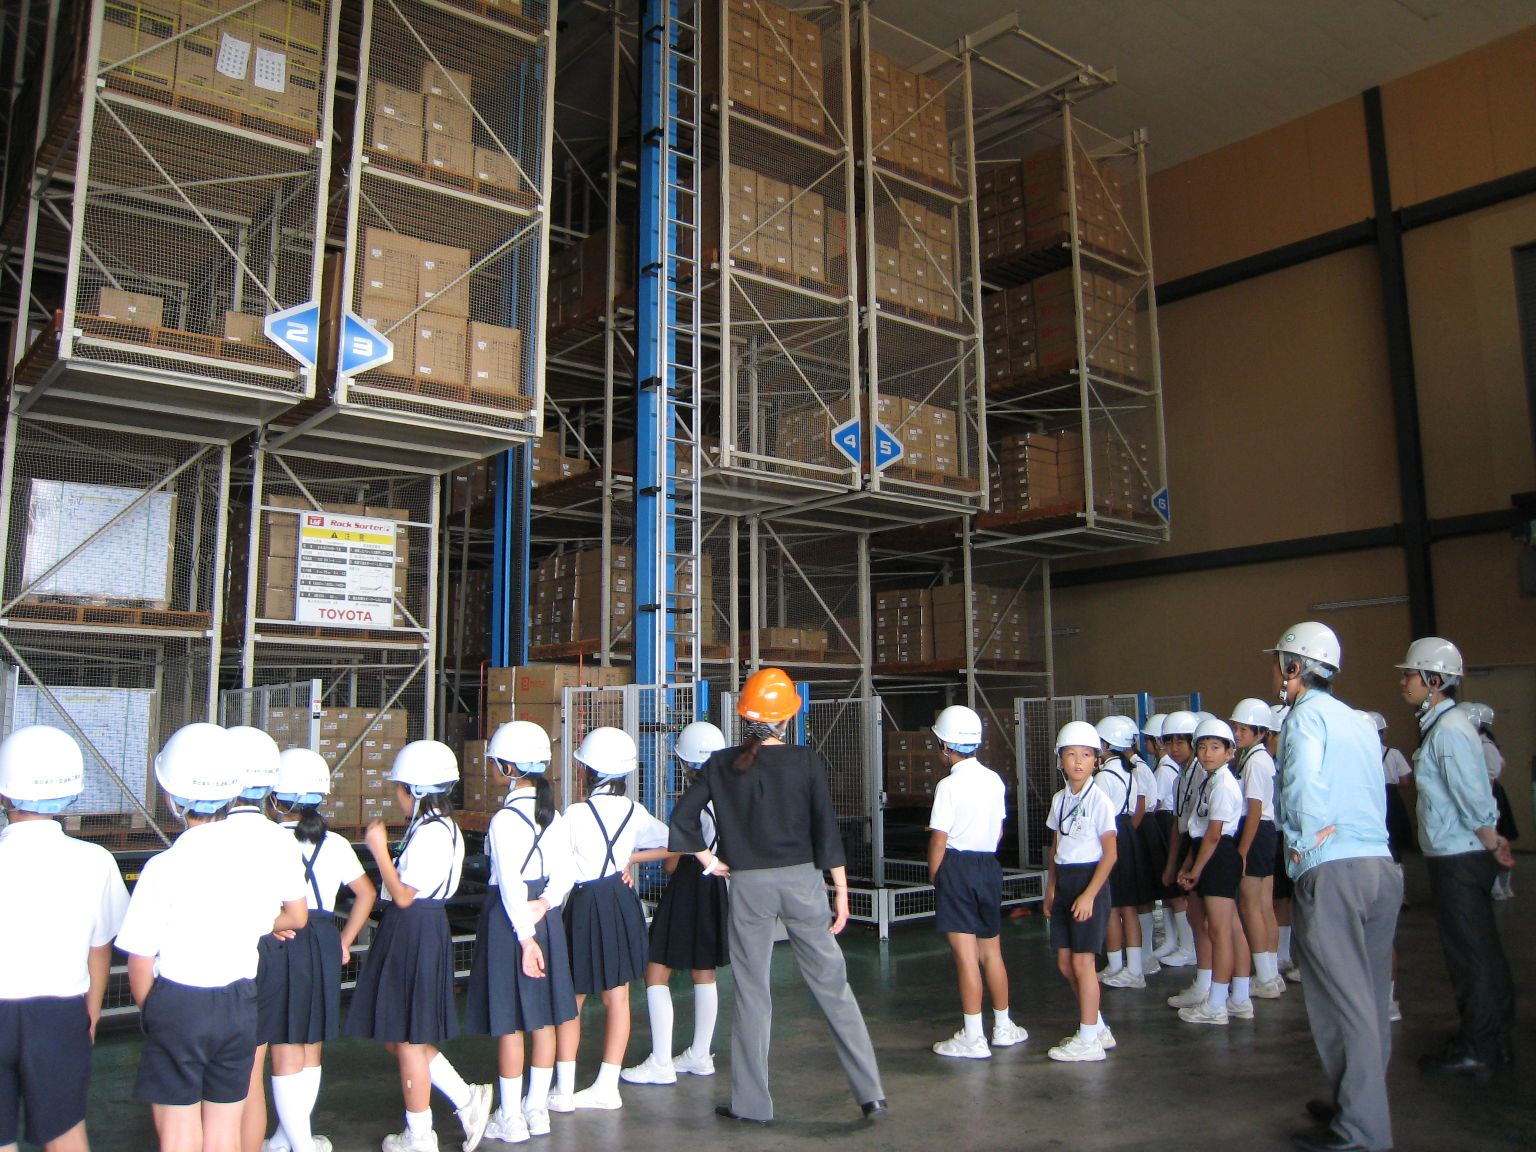 神原汽船福山物流センターの倉庫を見学